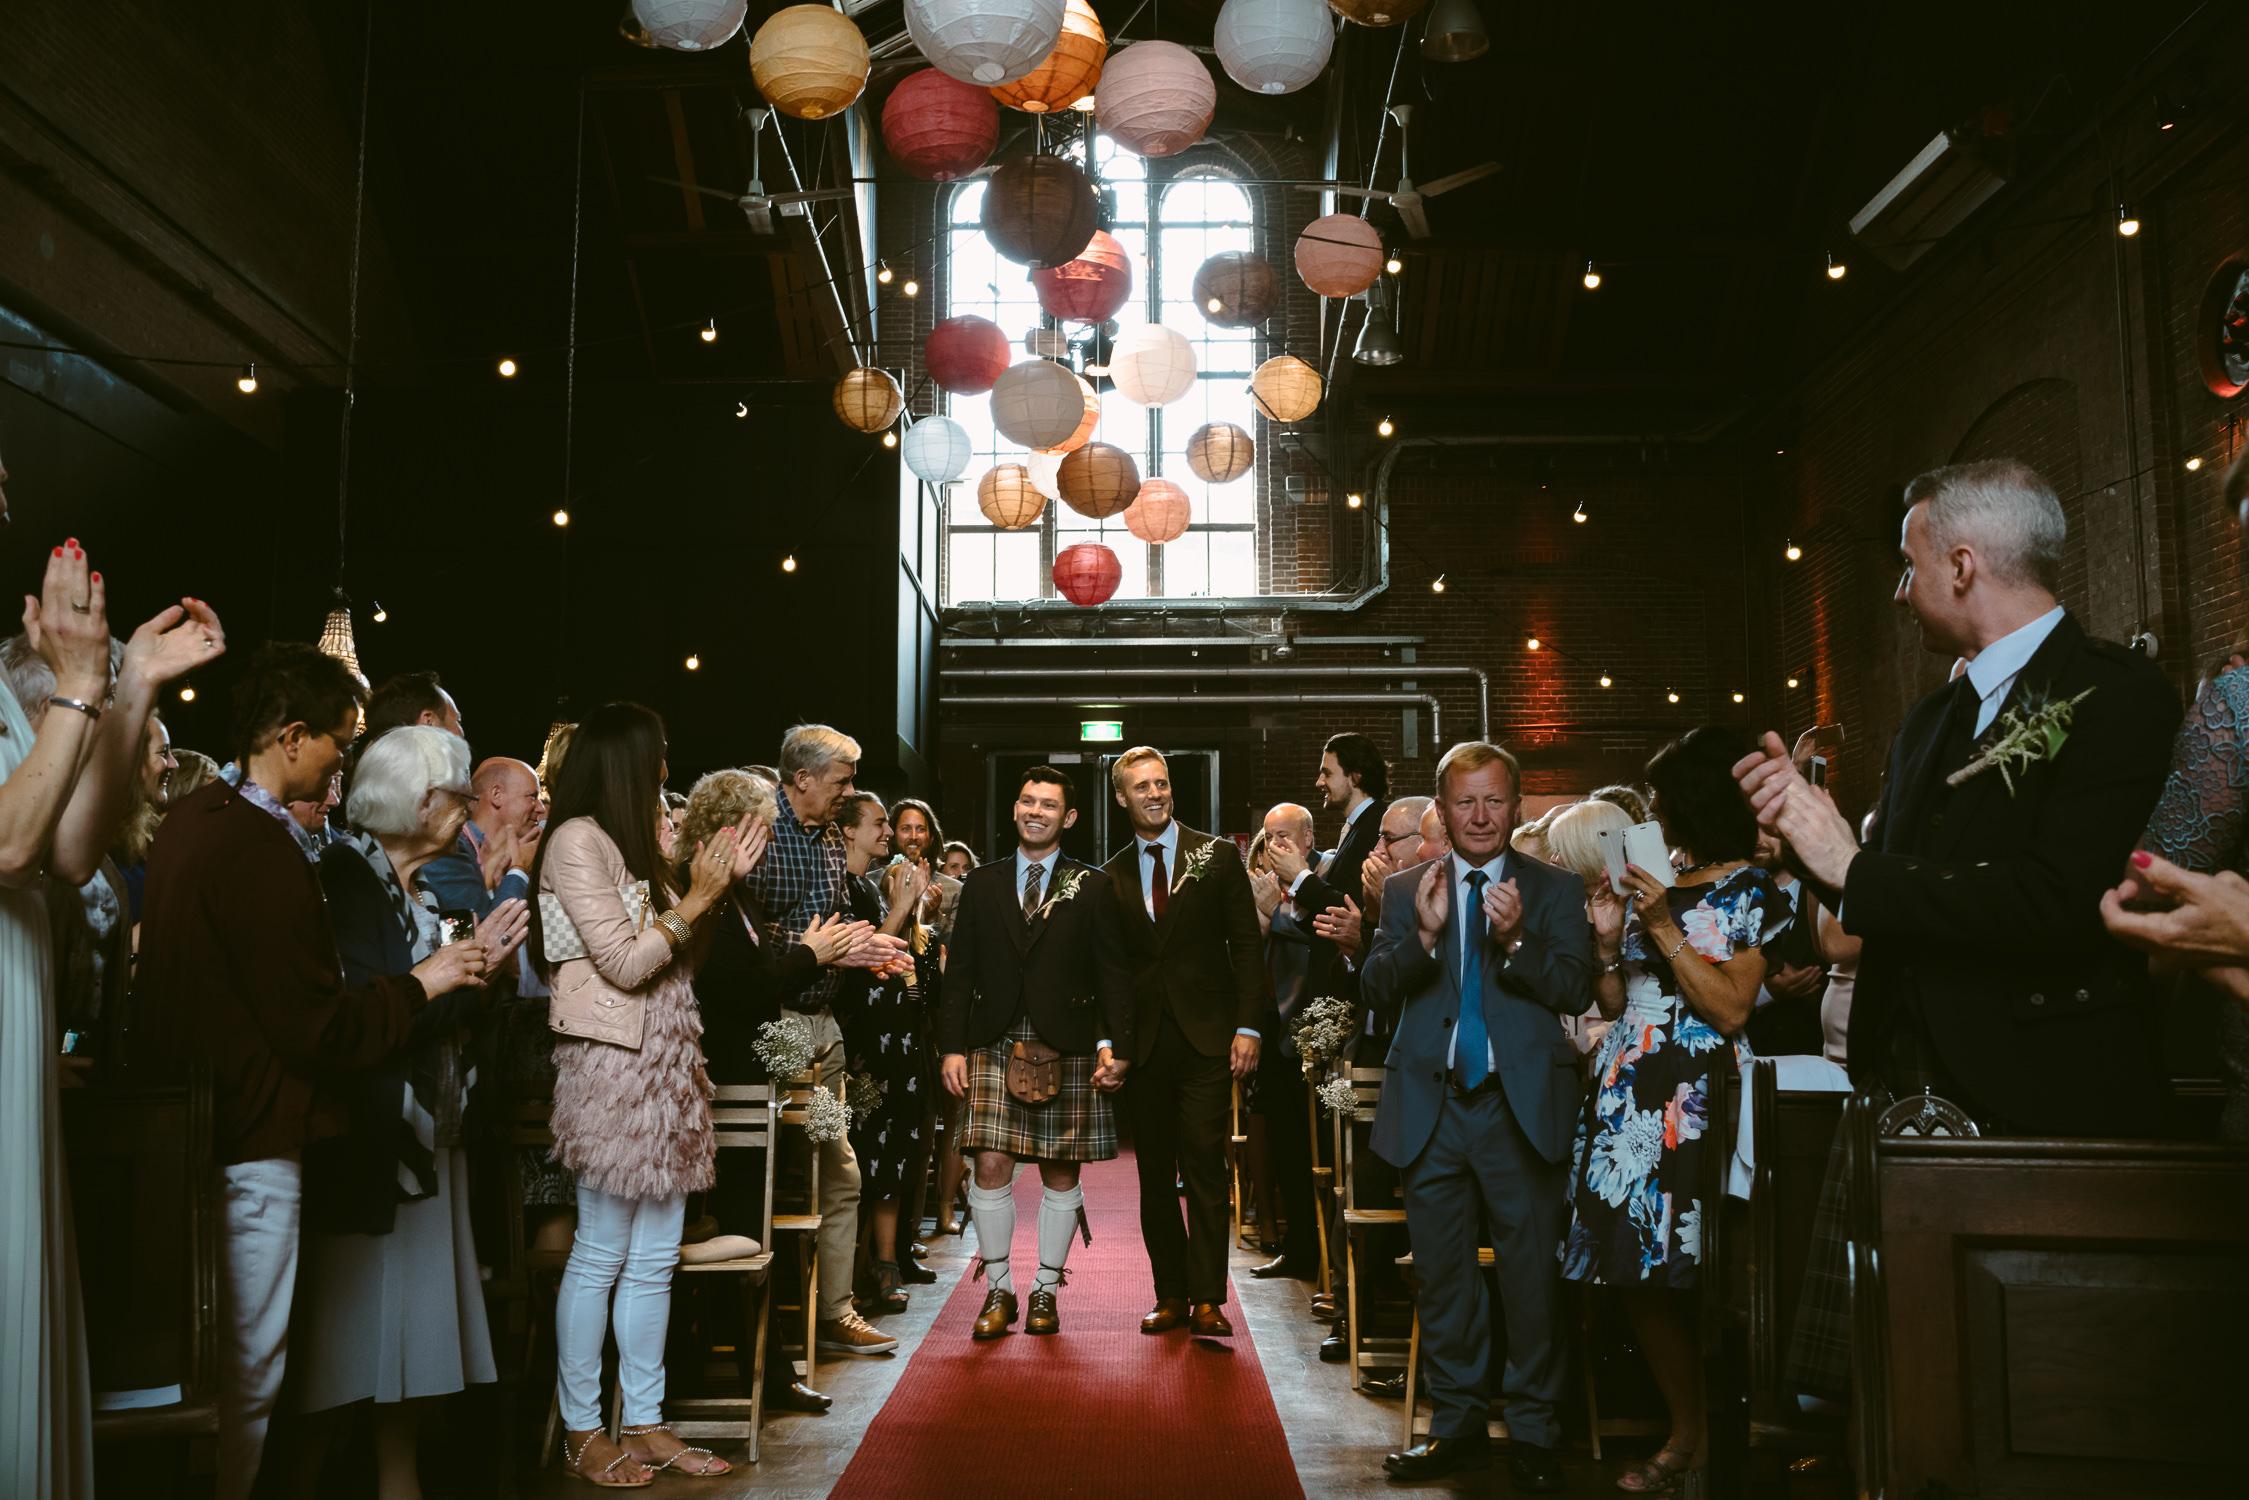 bruidsfotograaf amsterdam ceremonie westergasfabriek